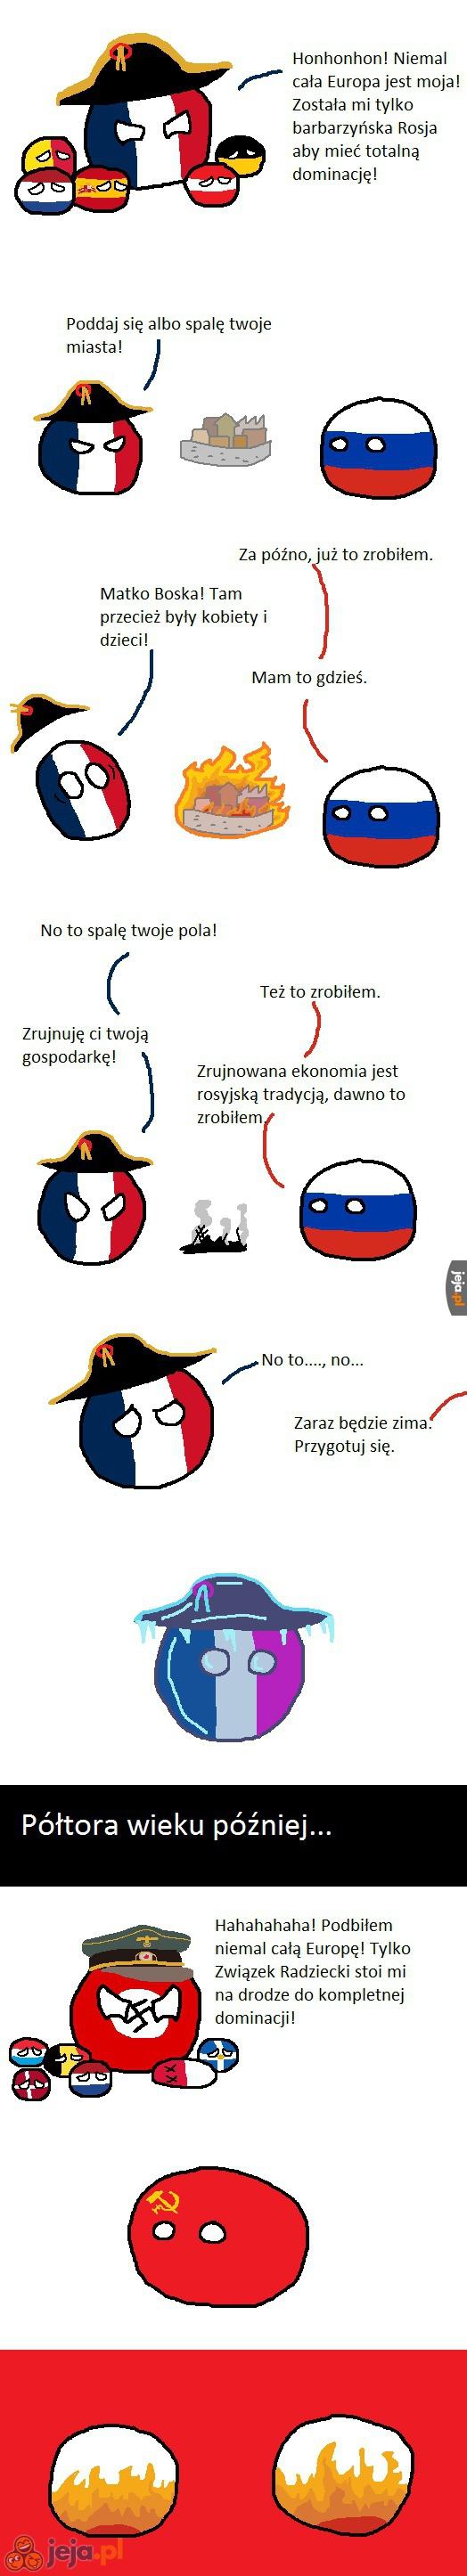 Rosyjska taktyka wojenna